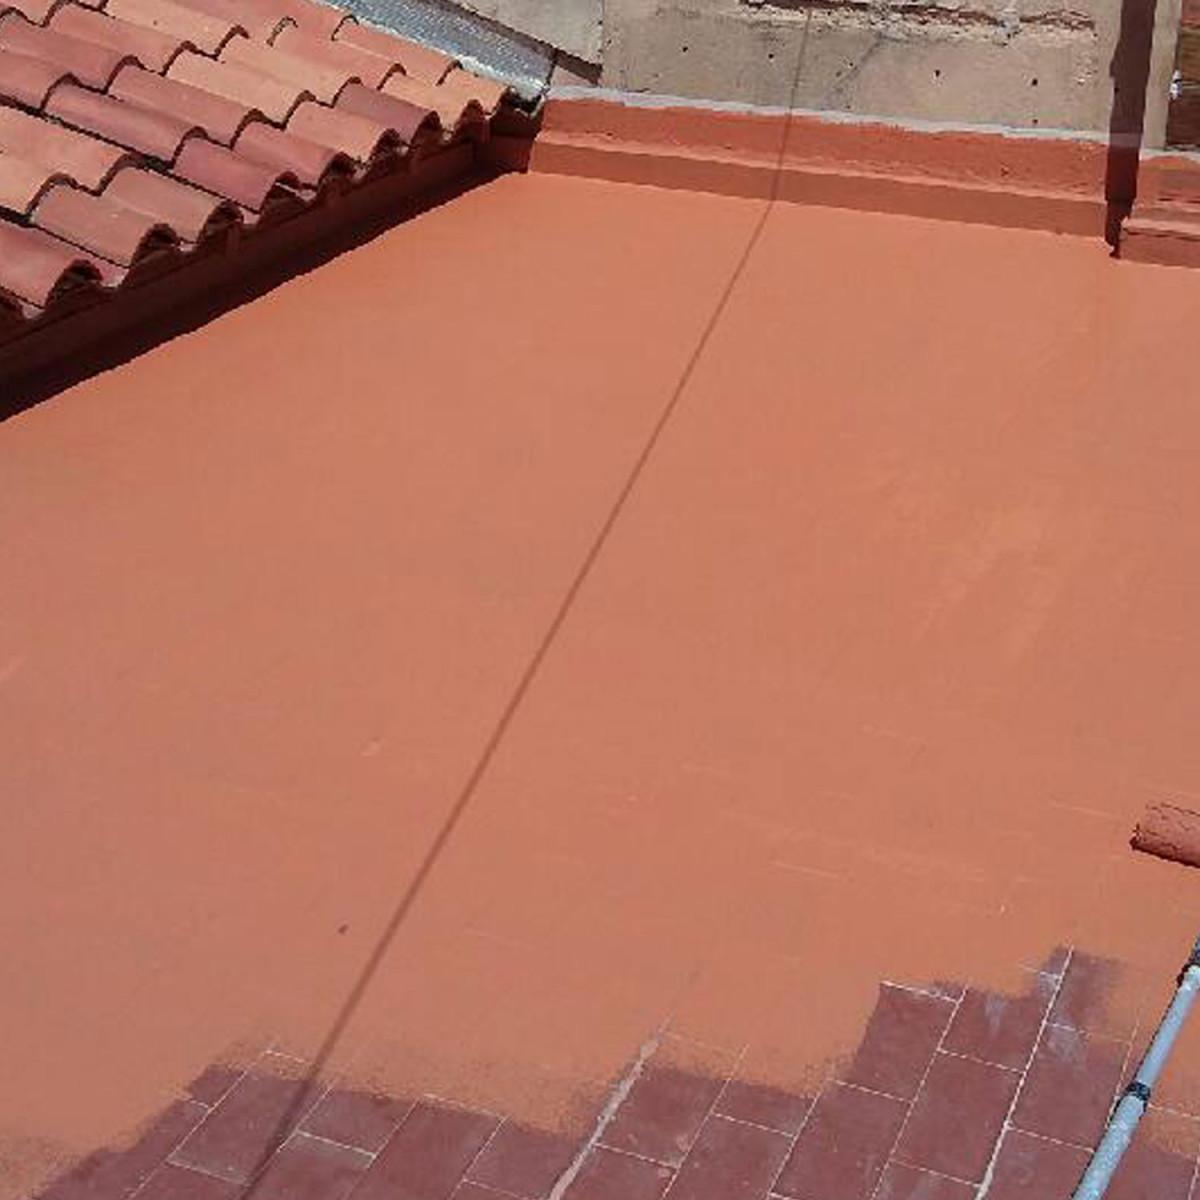 Superieur Etanchit Terrasse Balcons Loggias Peinture Dcorative Et De Protection Pour  Surfaces Circulables With Peinture D Etancheite